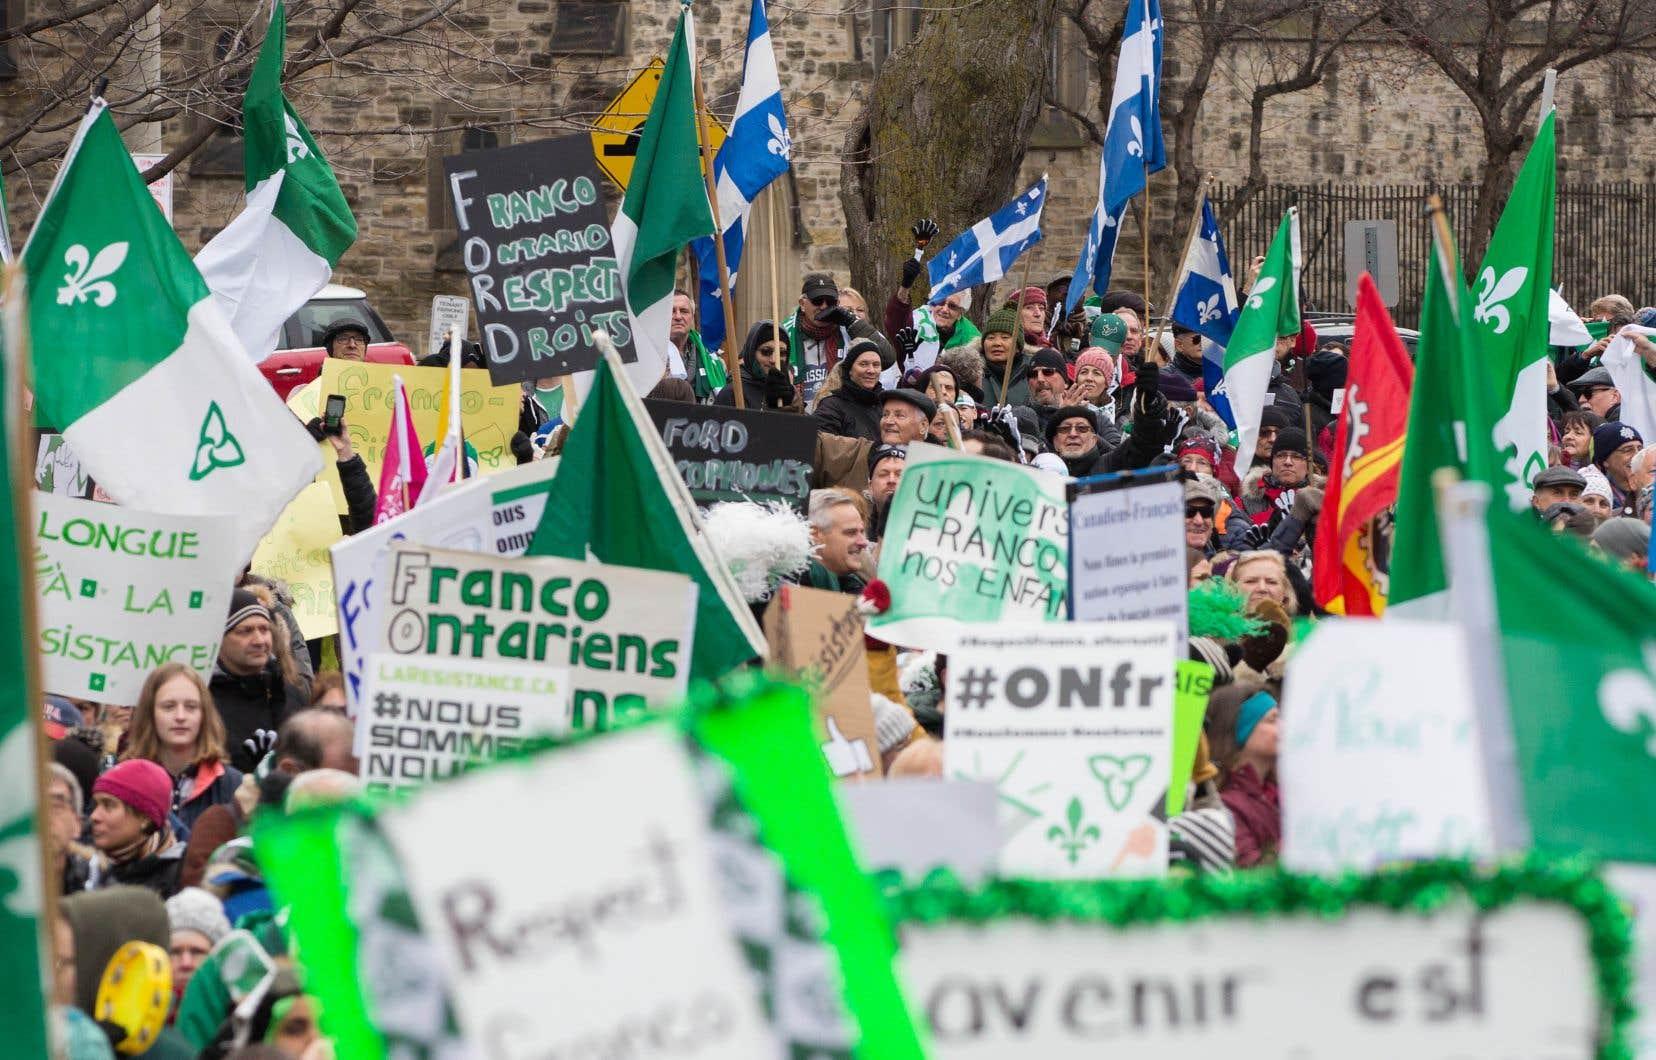 «La population francophone et anglophone du Québec a été solidaire des francophones de l'Ontario depuis l'automne 2018 dans leur résistance aux compressions du gouvernement Ford», rappellent les auteurs.